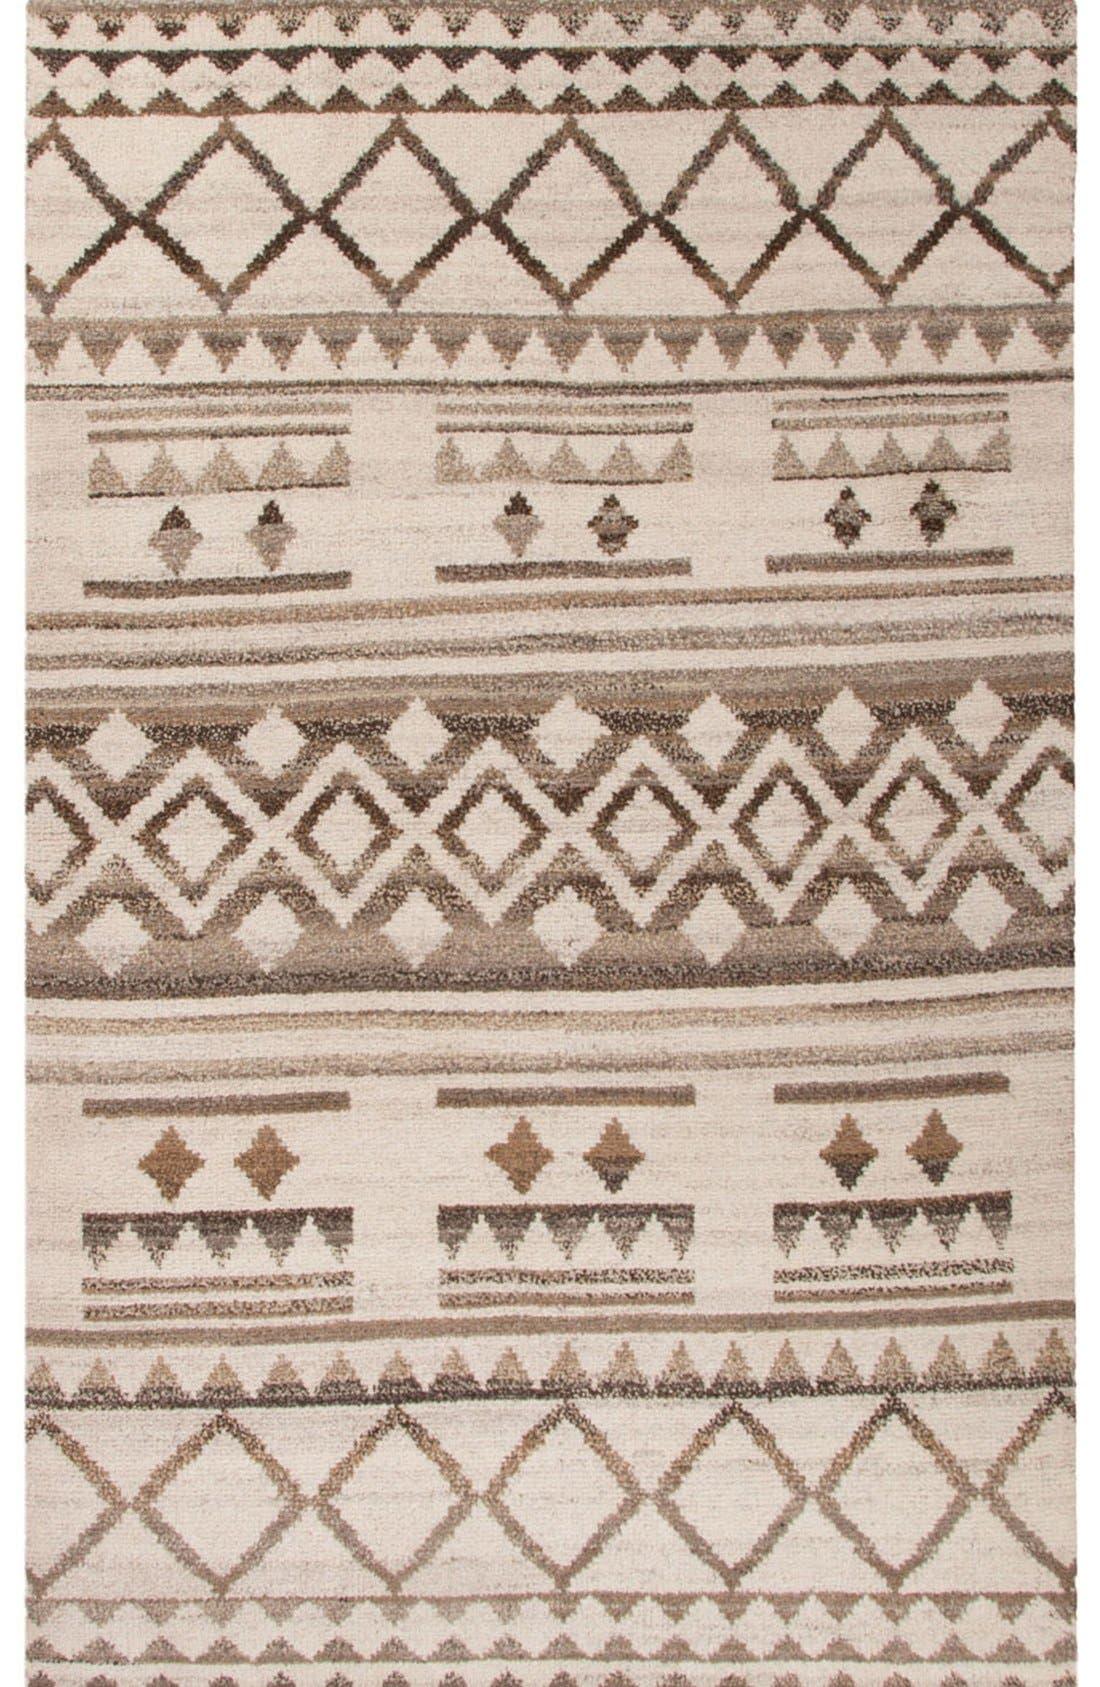 Alternate Image 1 Selected - Jaipur 'Vanden Bohemian' Wool Rug